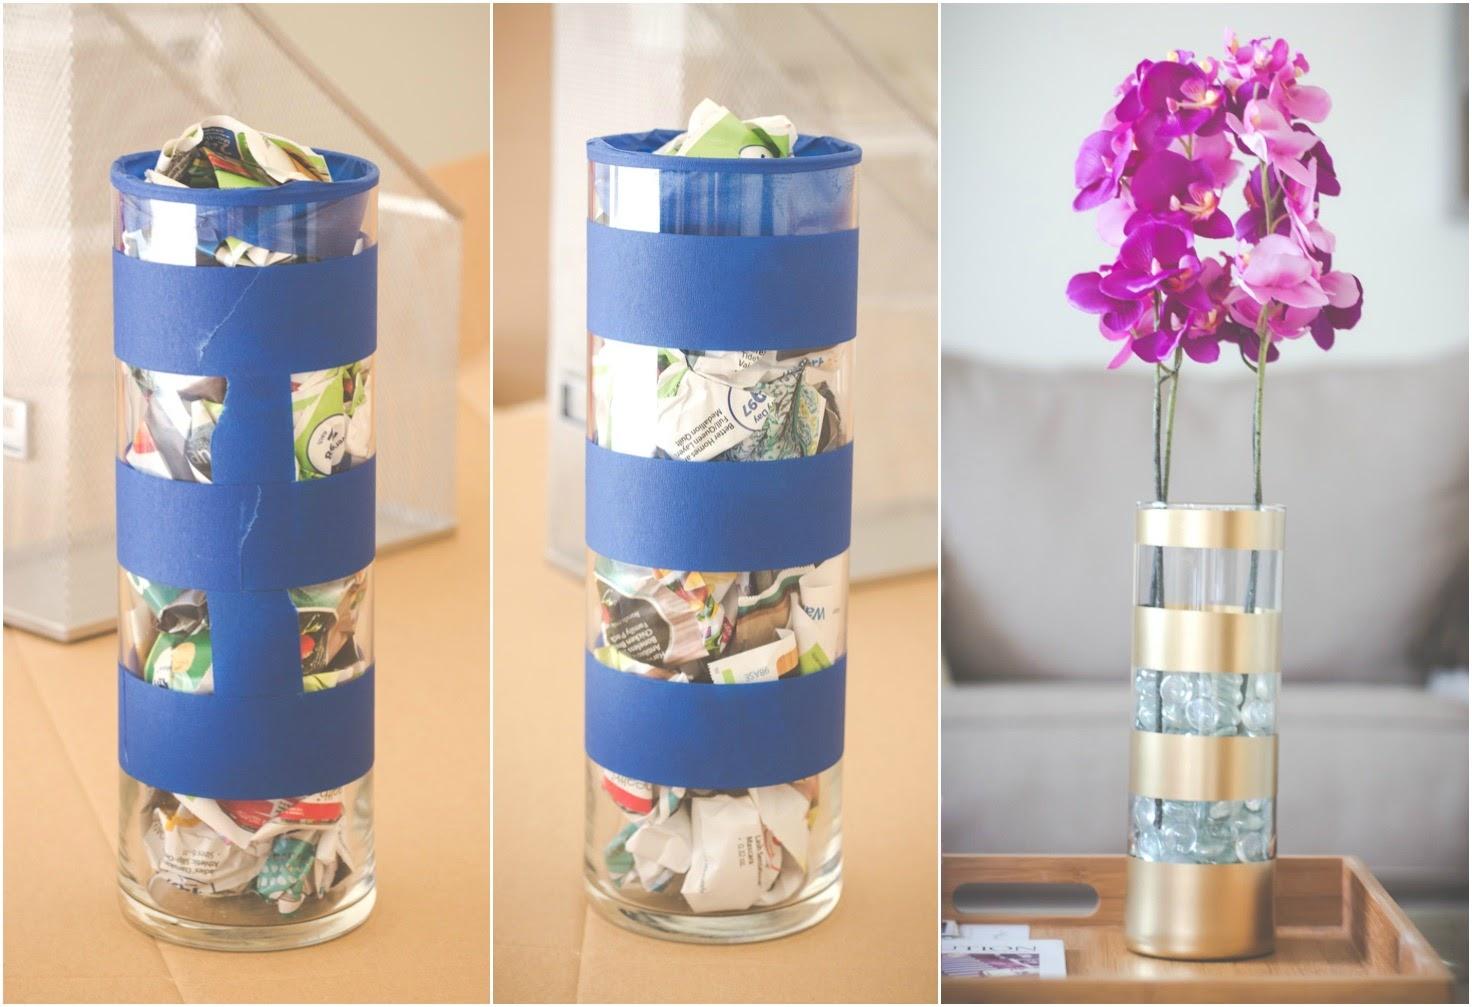 Home Decor Ideas Using Spray Paint